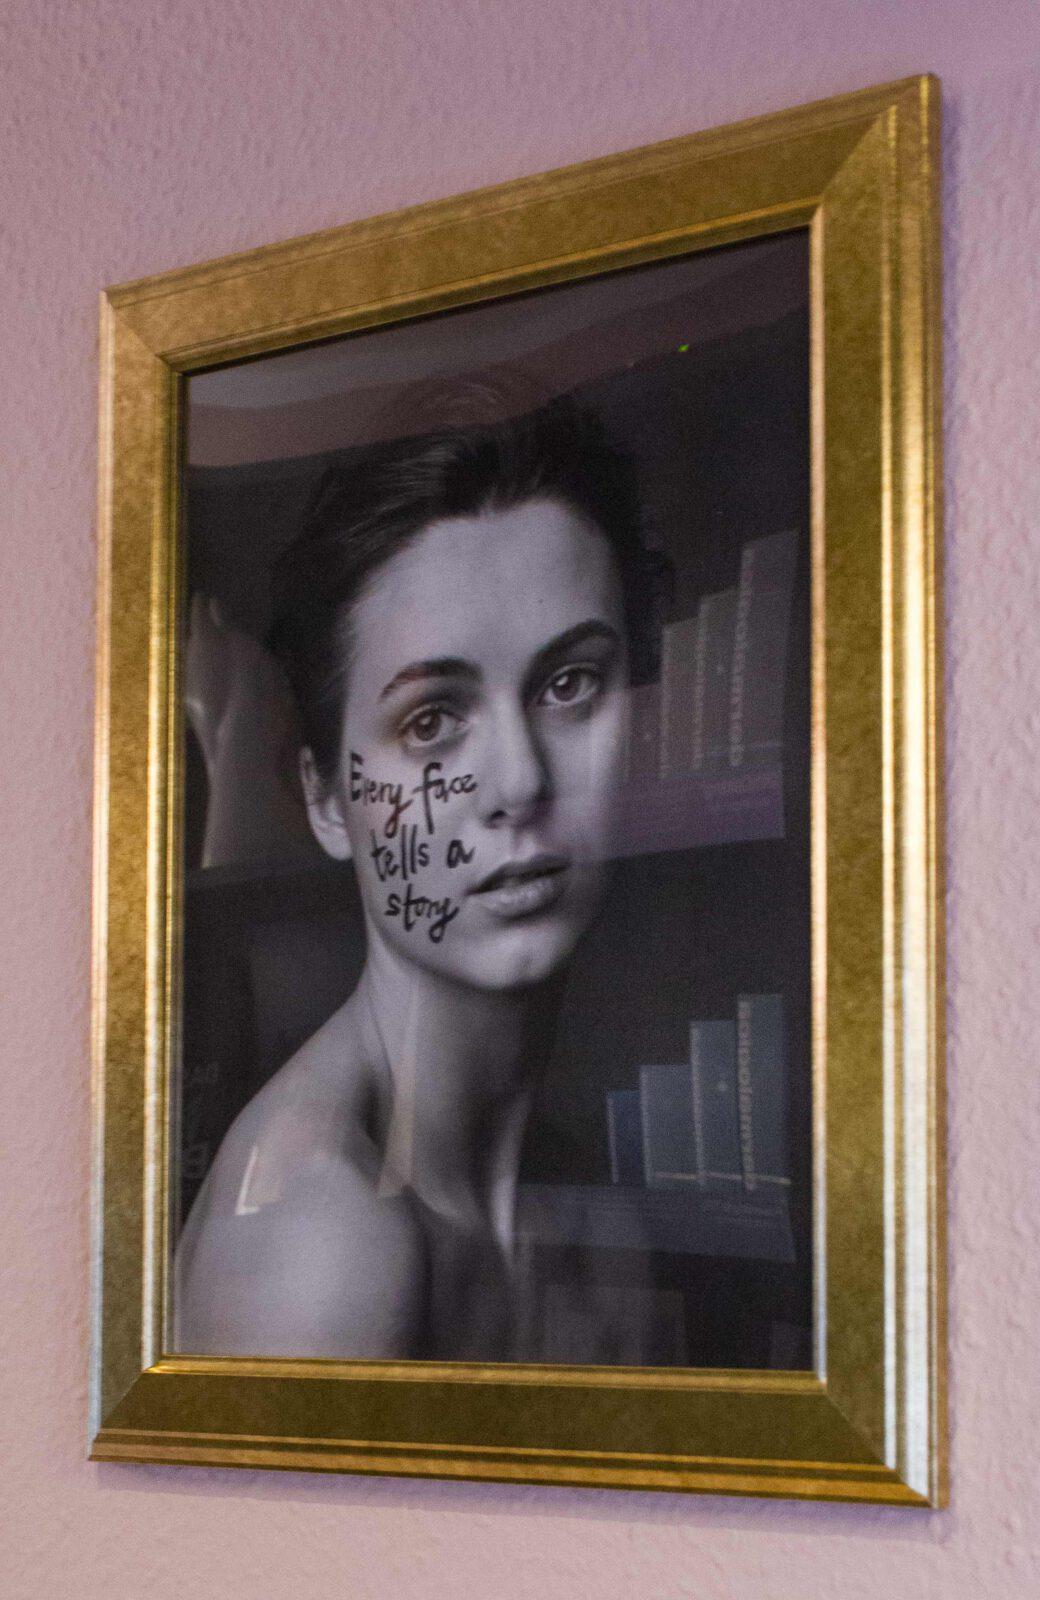 """Bild im Rahmen mit abgebildeter Frau, auf Gesicht geschrieben """"Every face tells a story"""""""